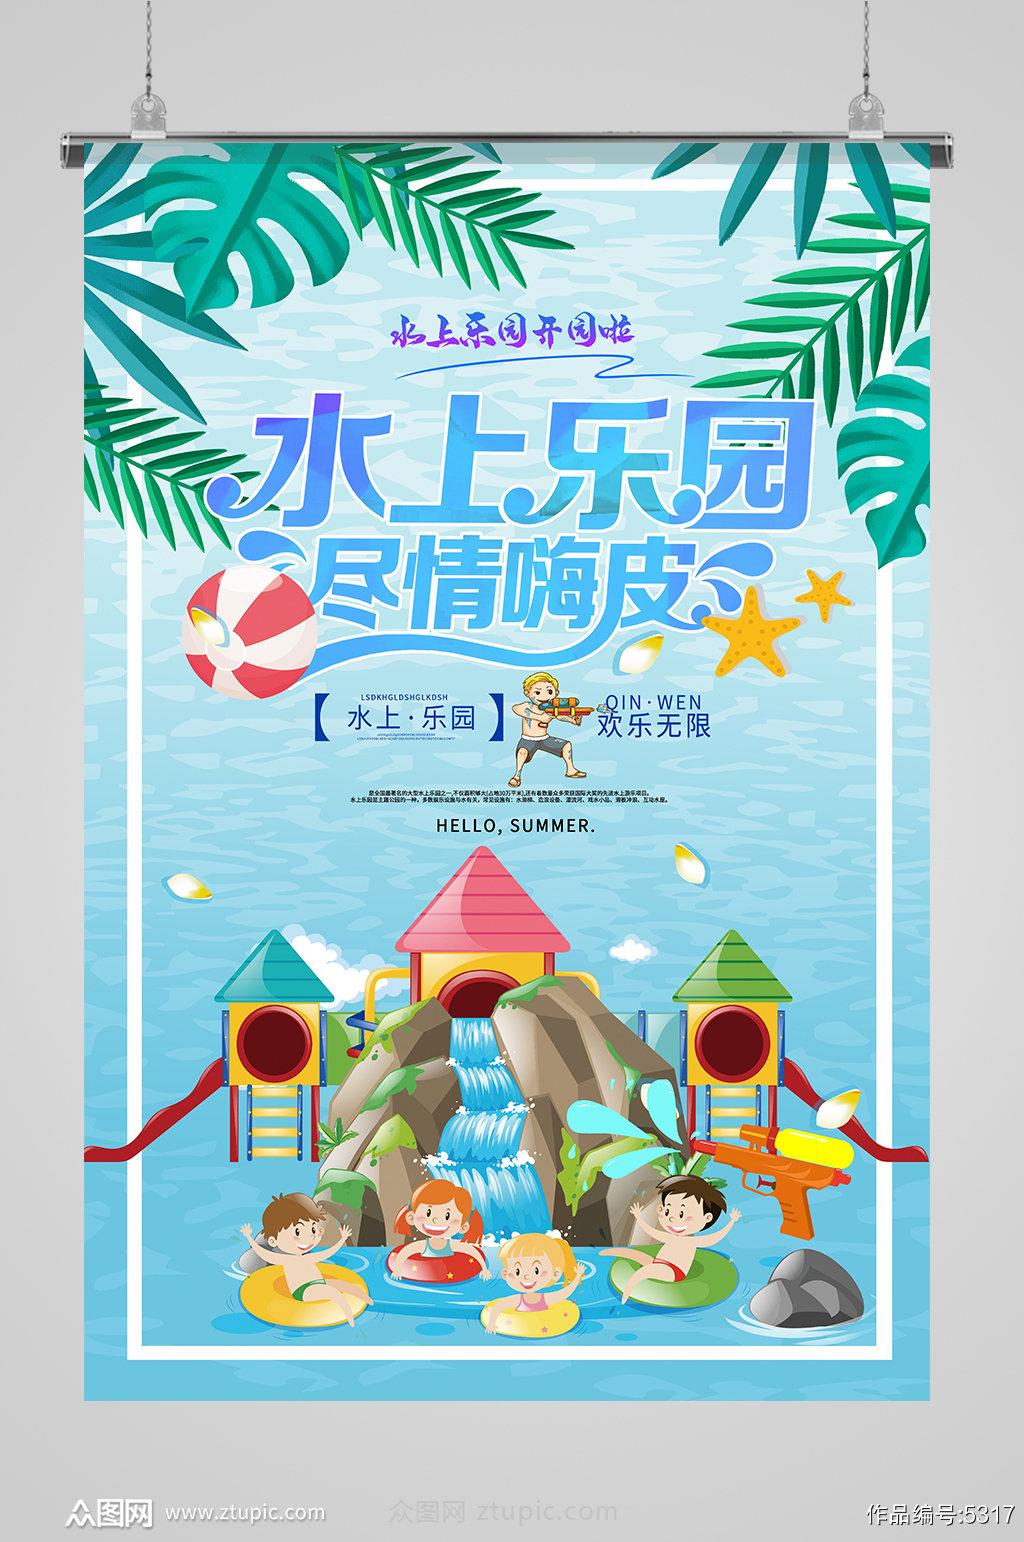 原创游泳馆开业海报展板宣传背景素材